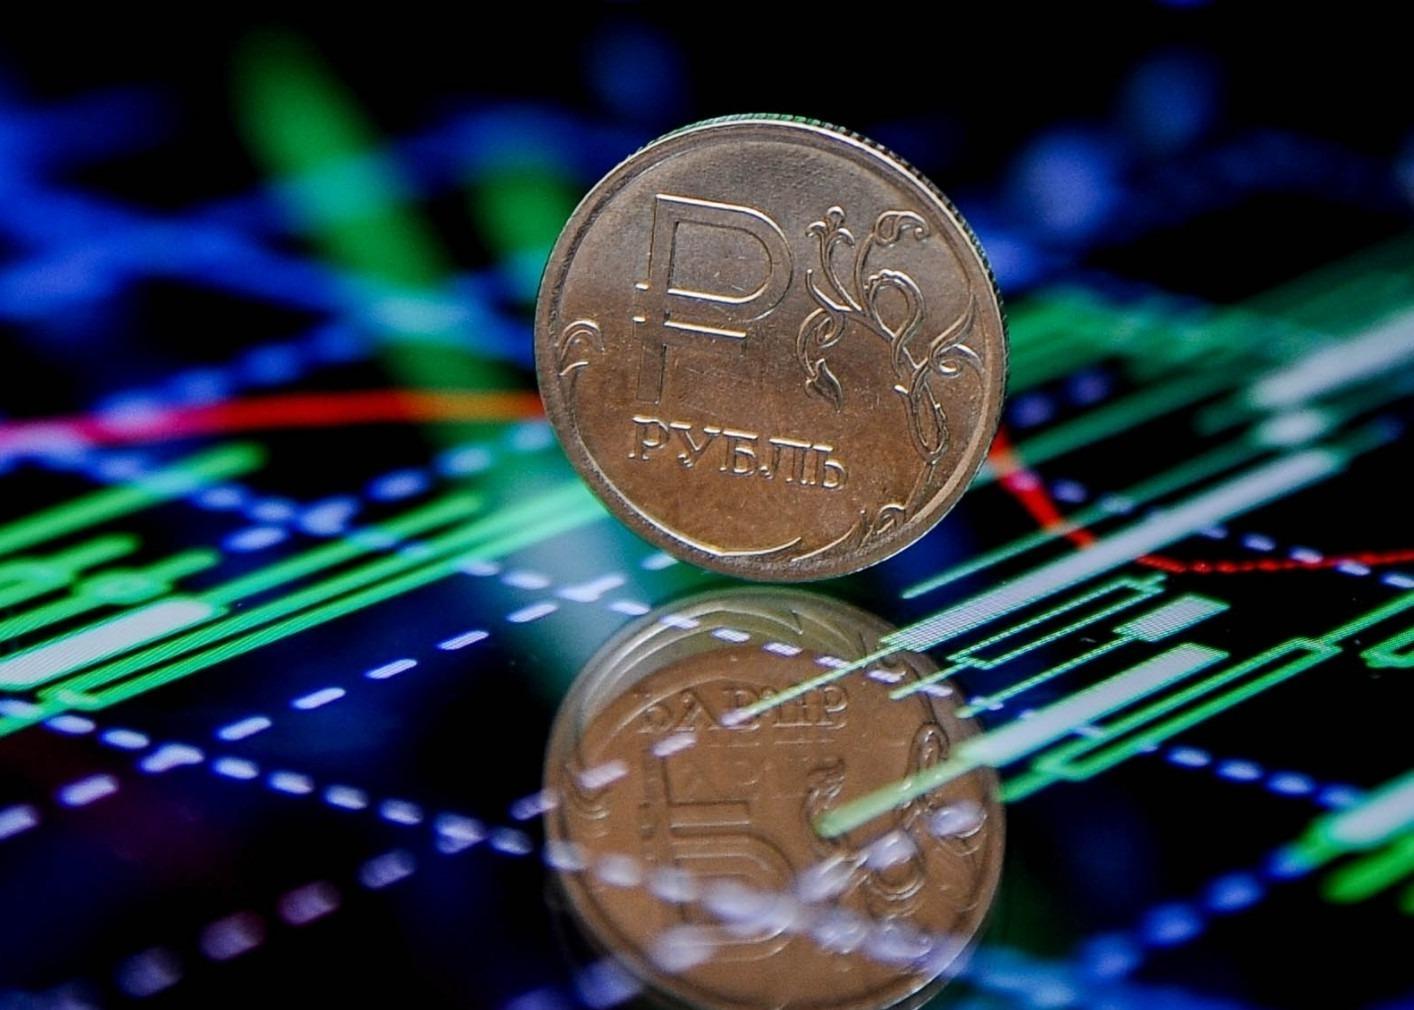 Железный рубль на виртуальных графиках